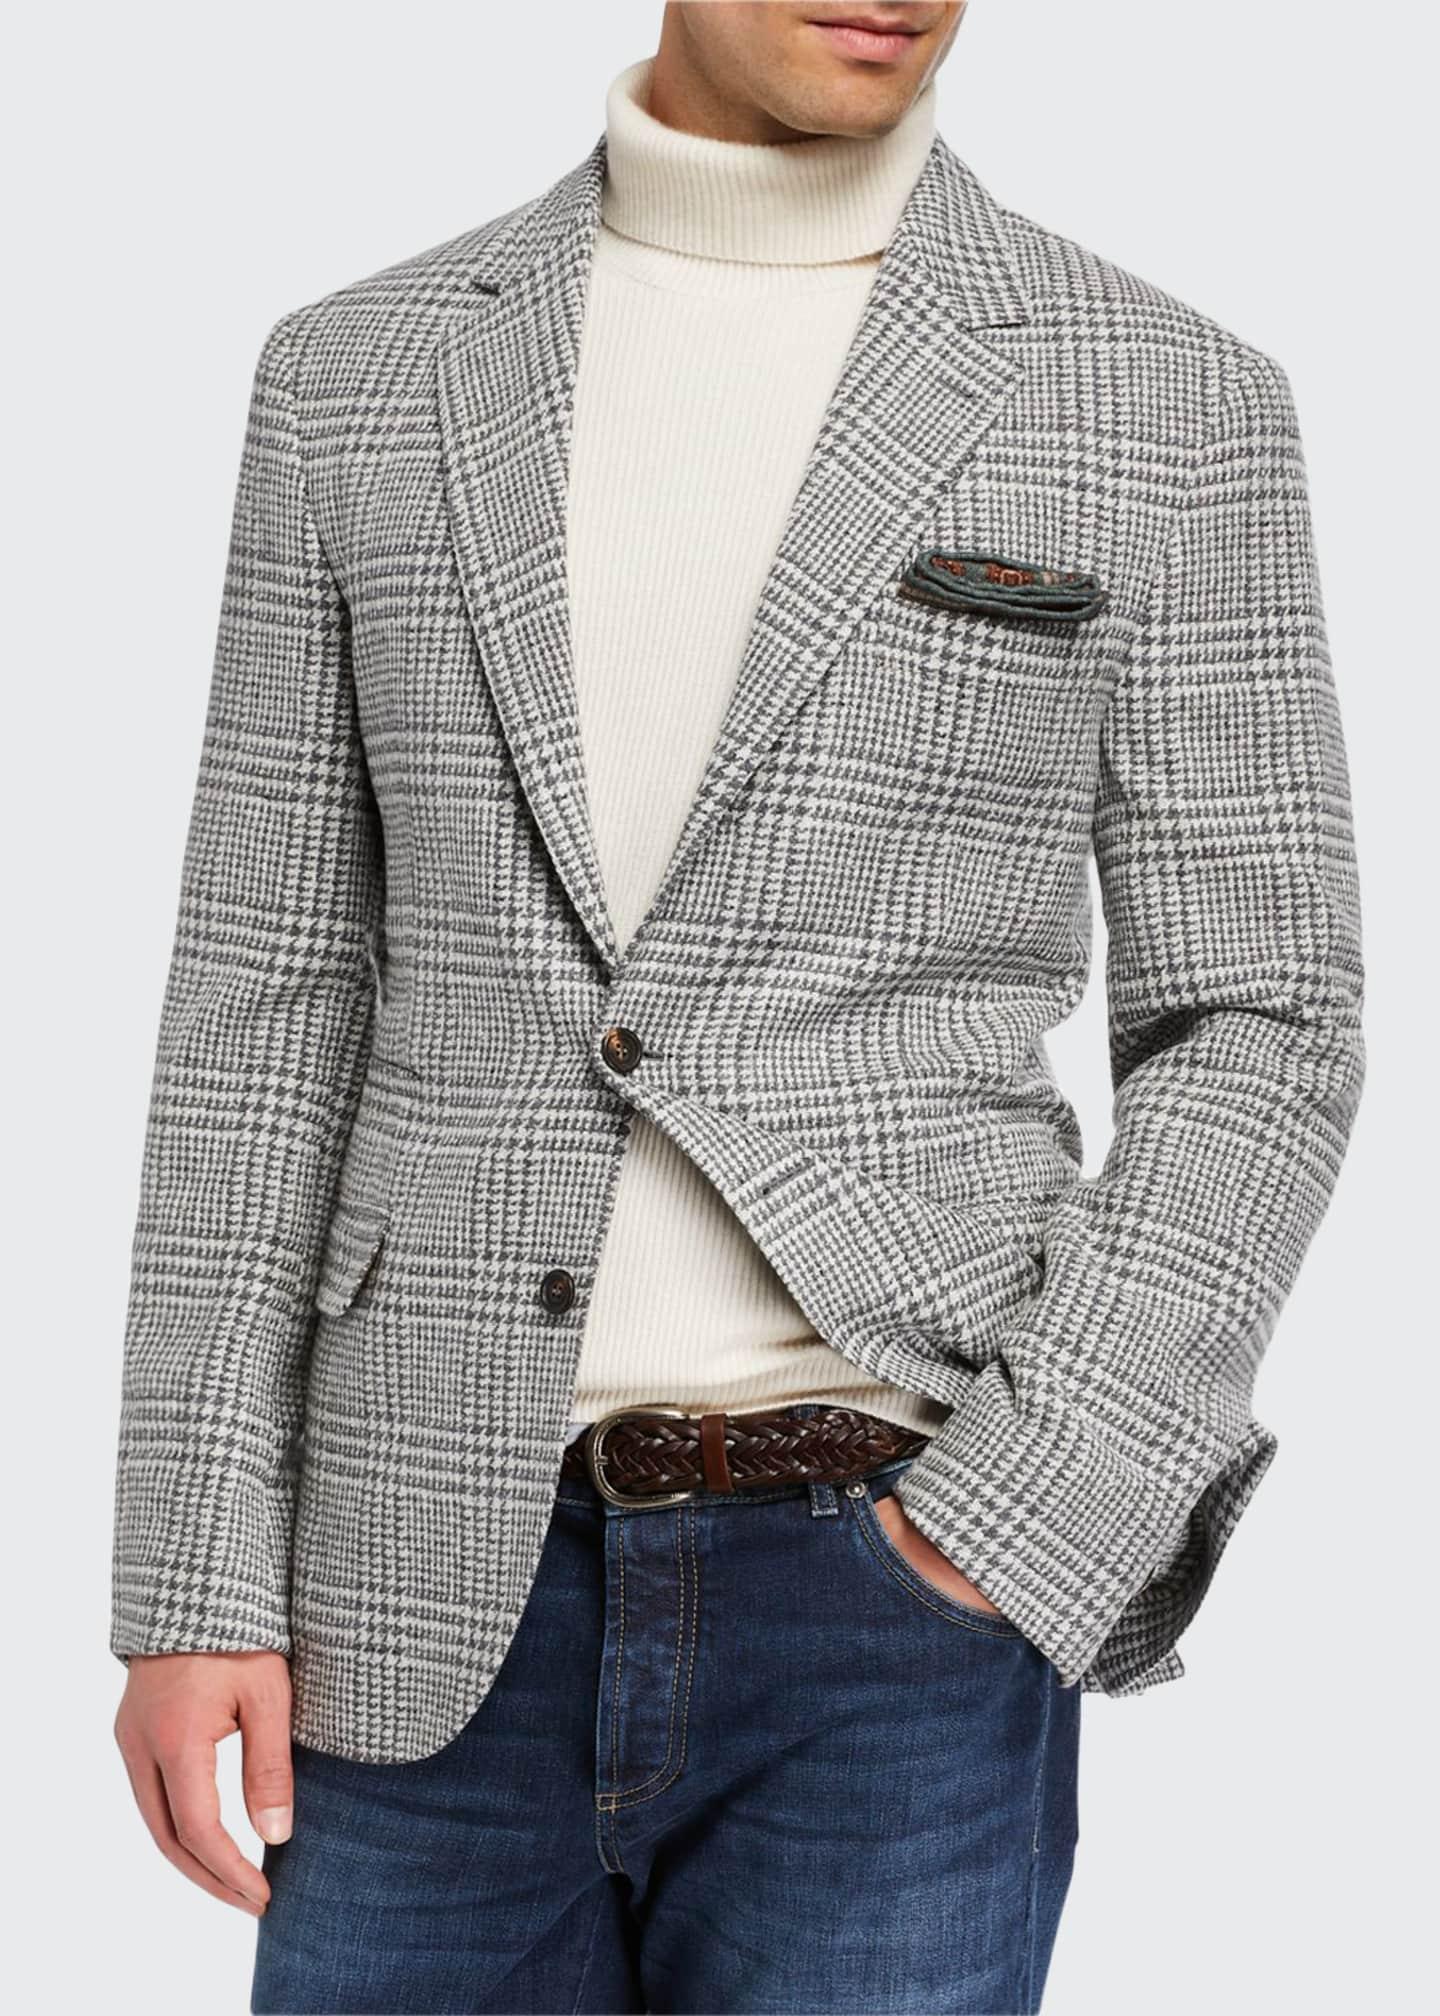 Brunello Cucinelli Men's Notch-Lapel Plaid Two-Button Jacket